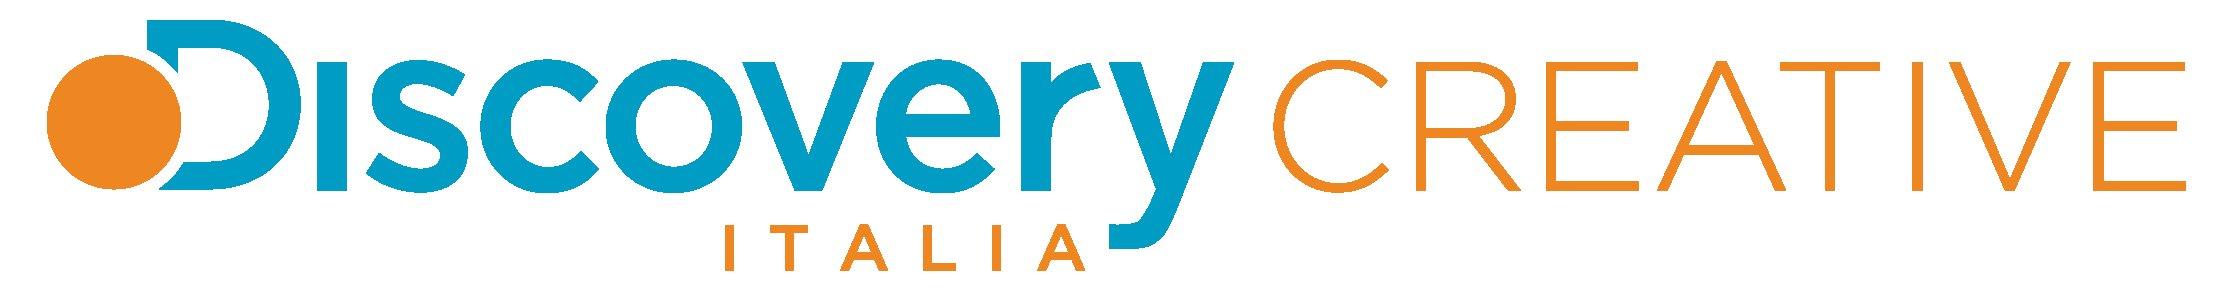 Discovery Creative, nasce la factory creativa interna al gruppo